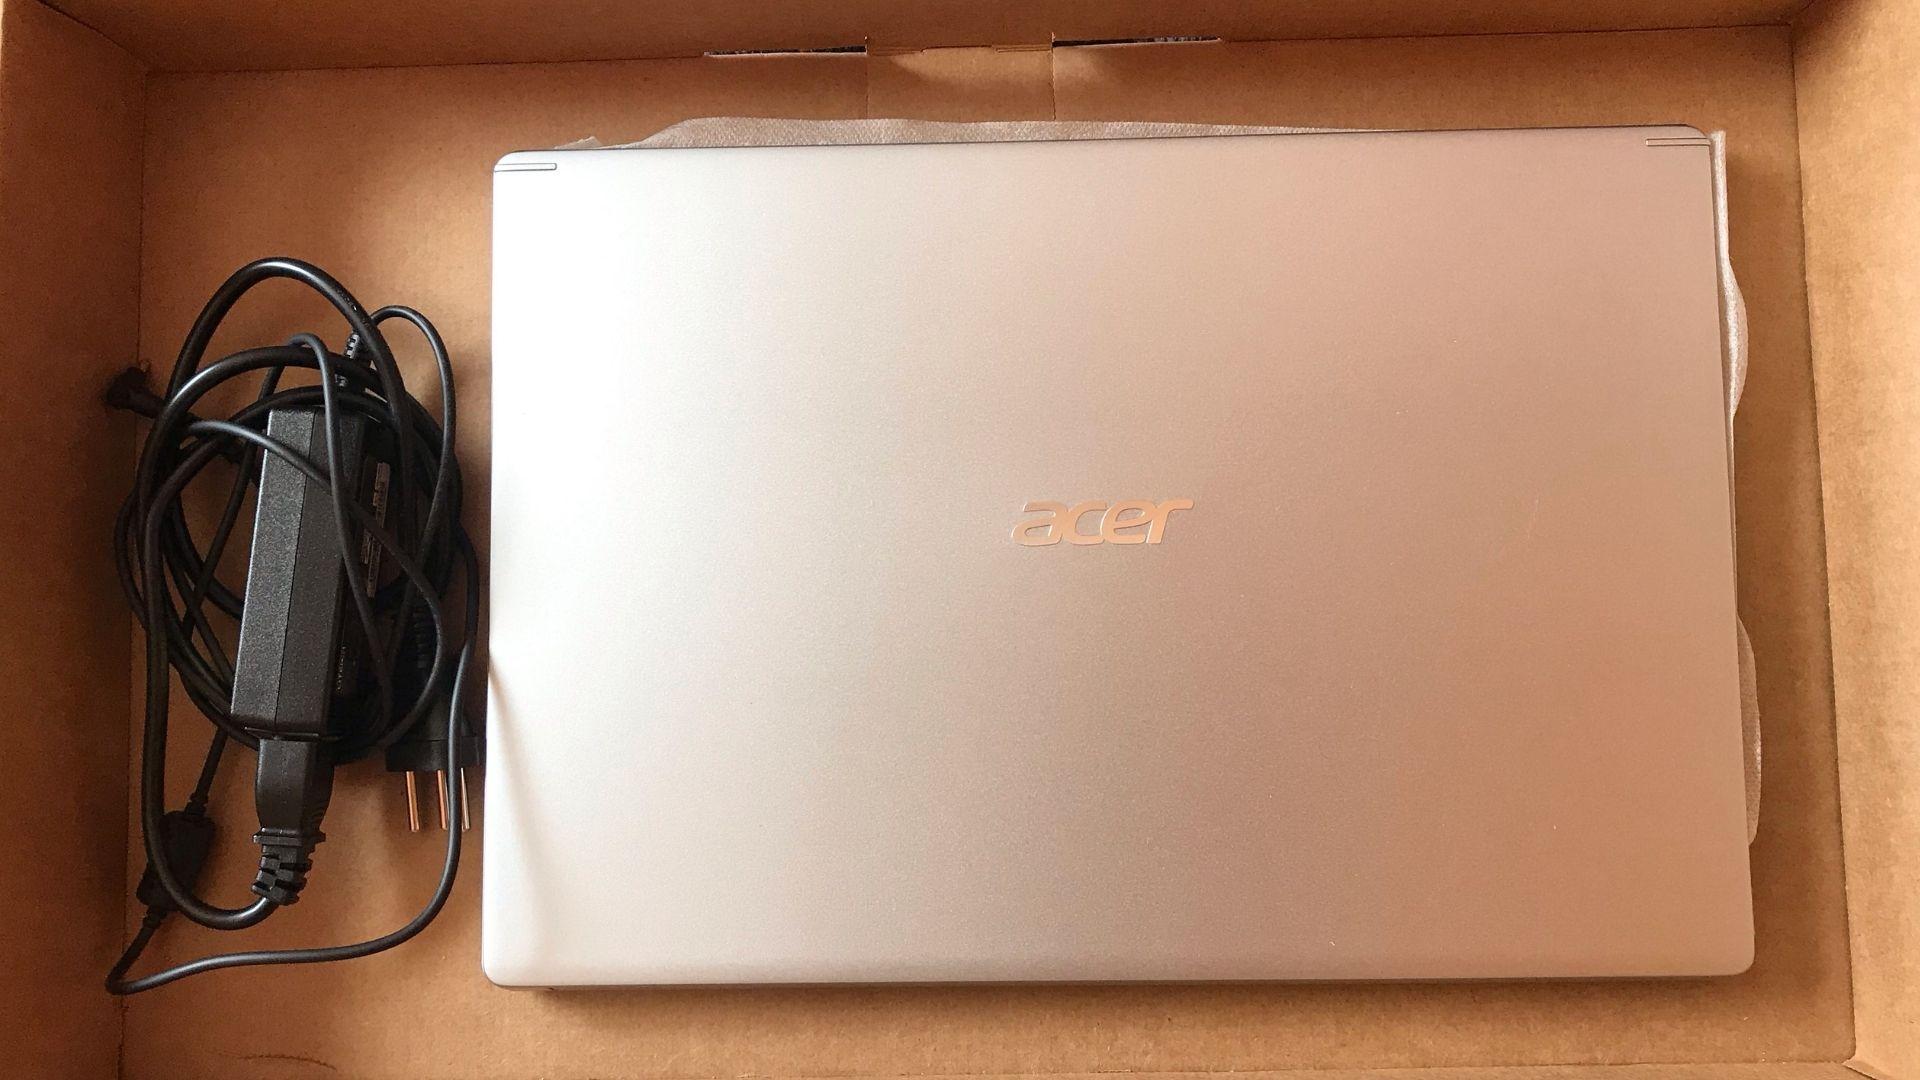 Acer Aspire 5, ainda na caixa: acabamento de alumínio é bem bonito (Foto: Guilherme Toscano)